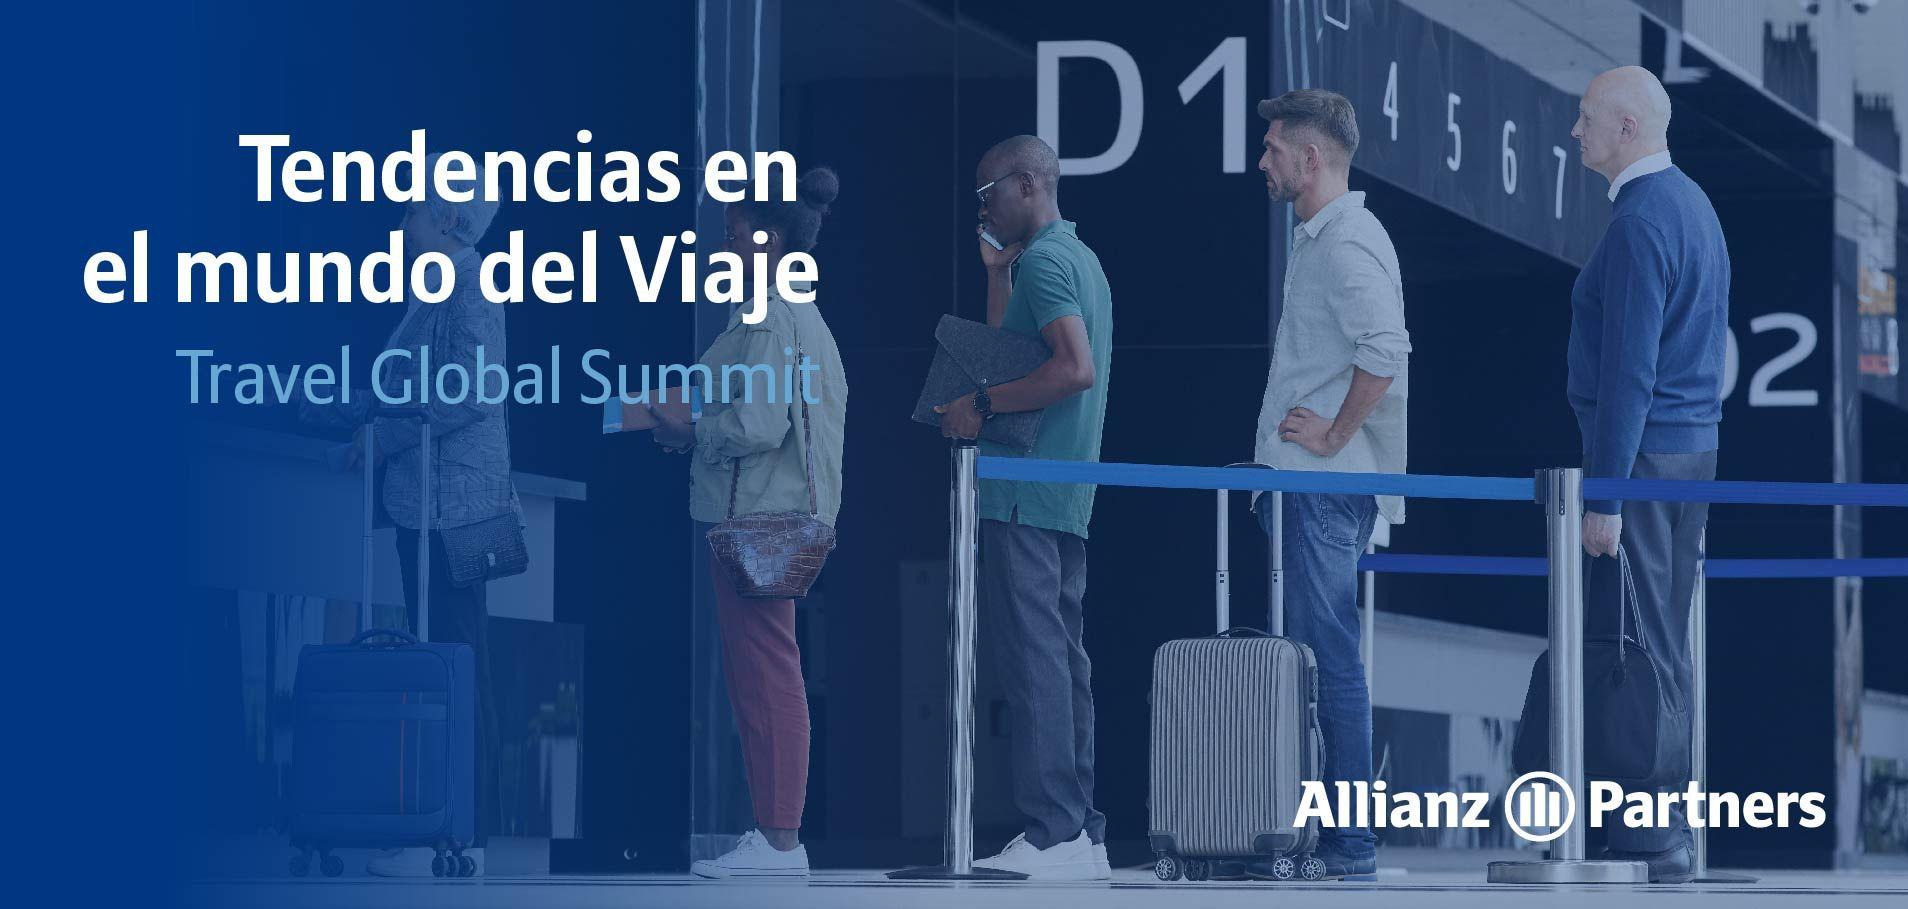 'Travel Global Summit' de Allianz Partners identifica las próximas tendencias en el mundo del Viaje